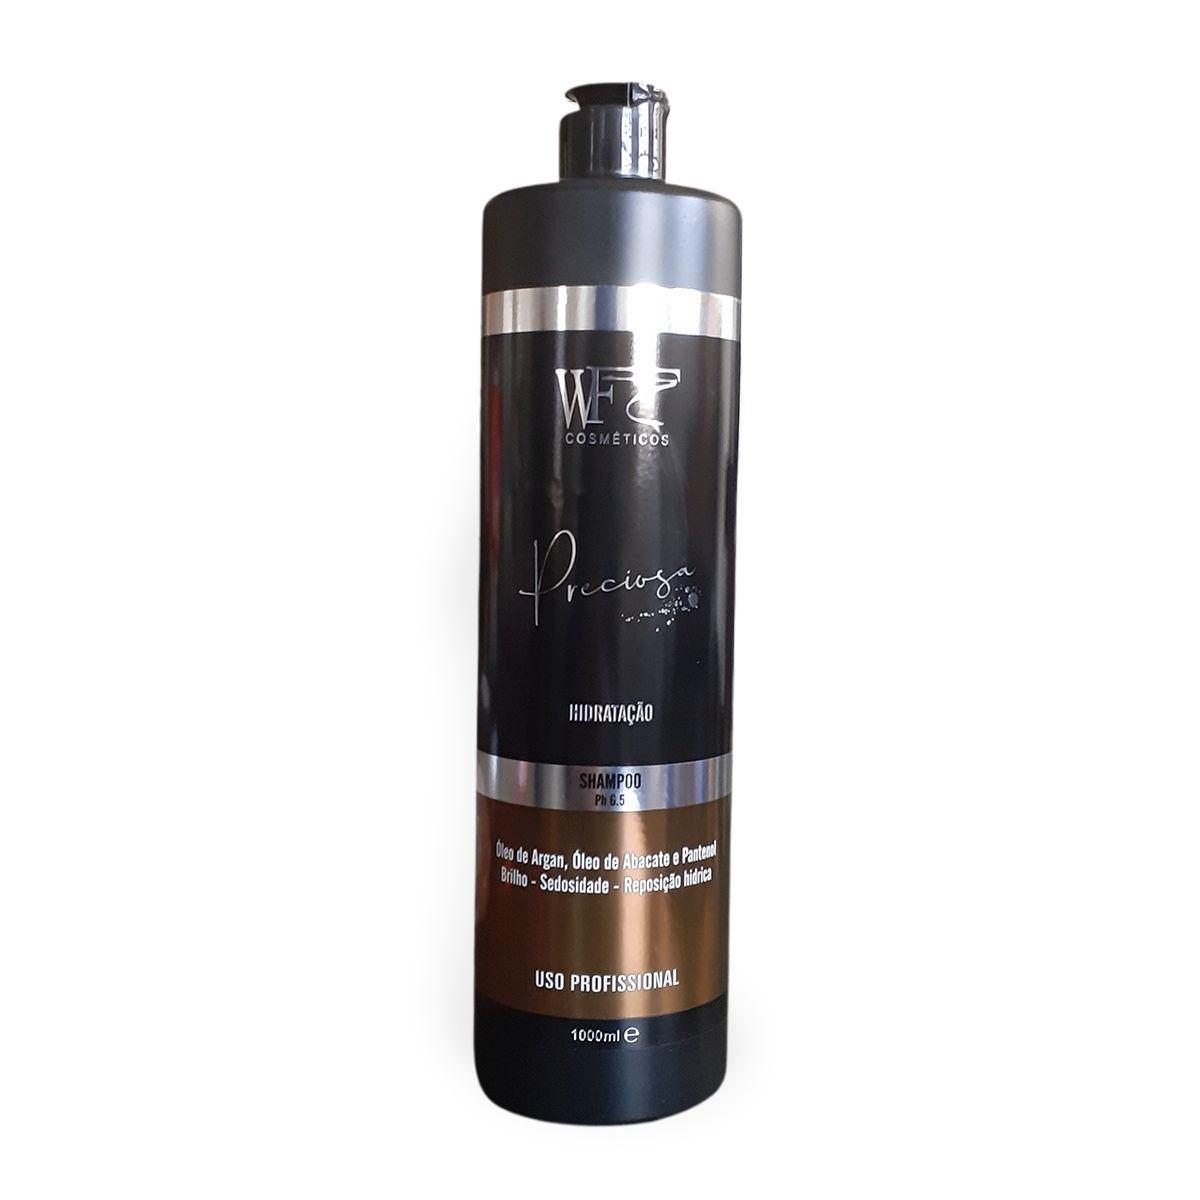 PRECIOSA - Shampoo Hidratação  WF COSMETICOS  1000ml